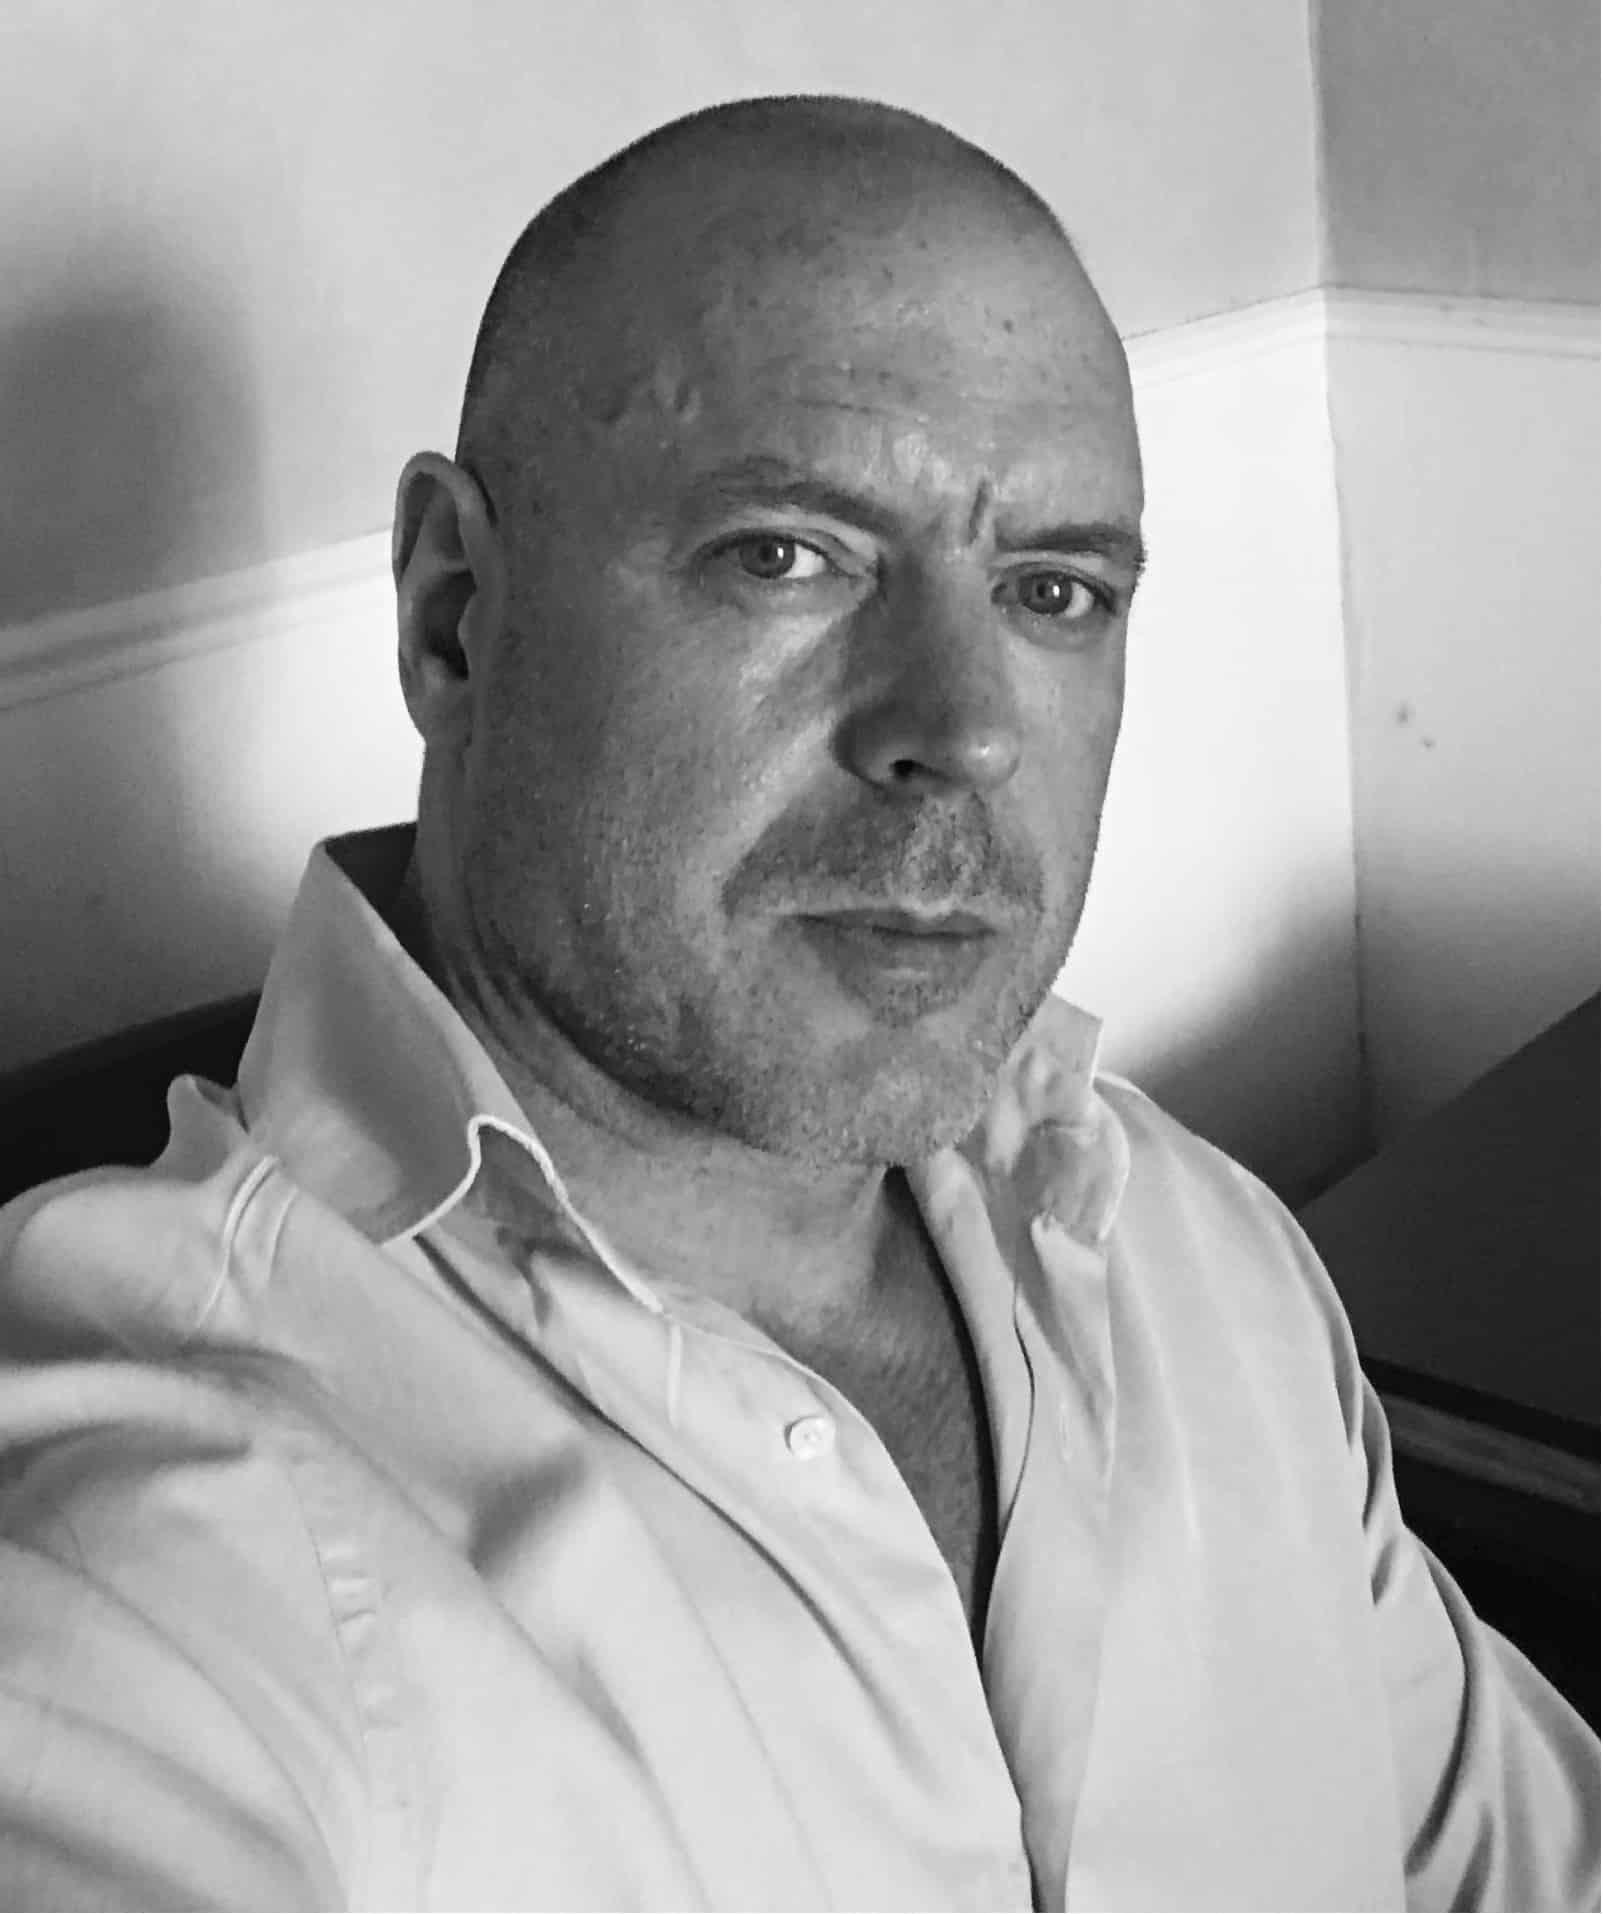 David Mocq, voyant professionnel sérieux et reconnu